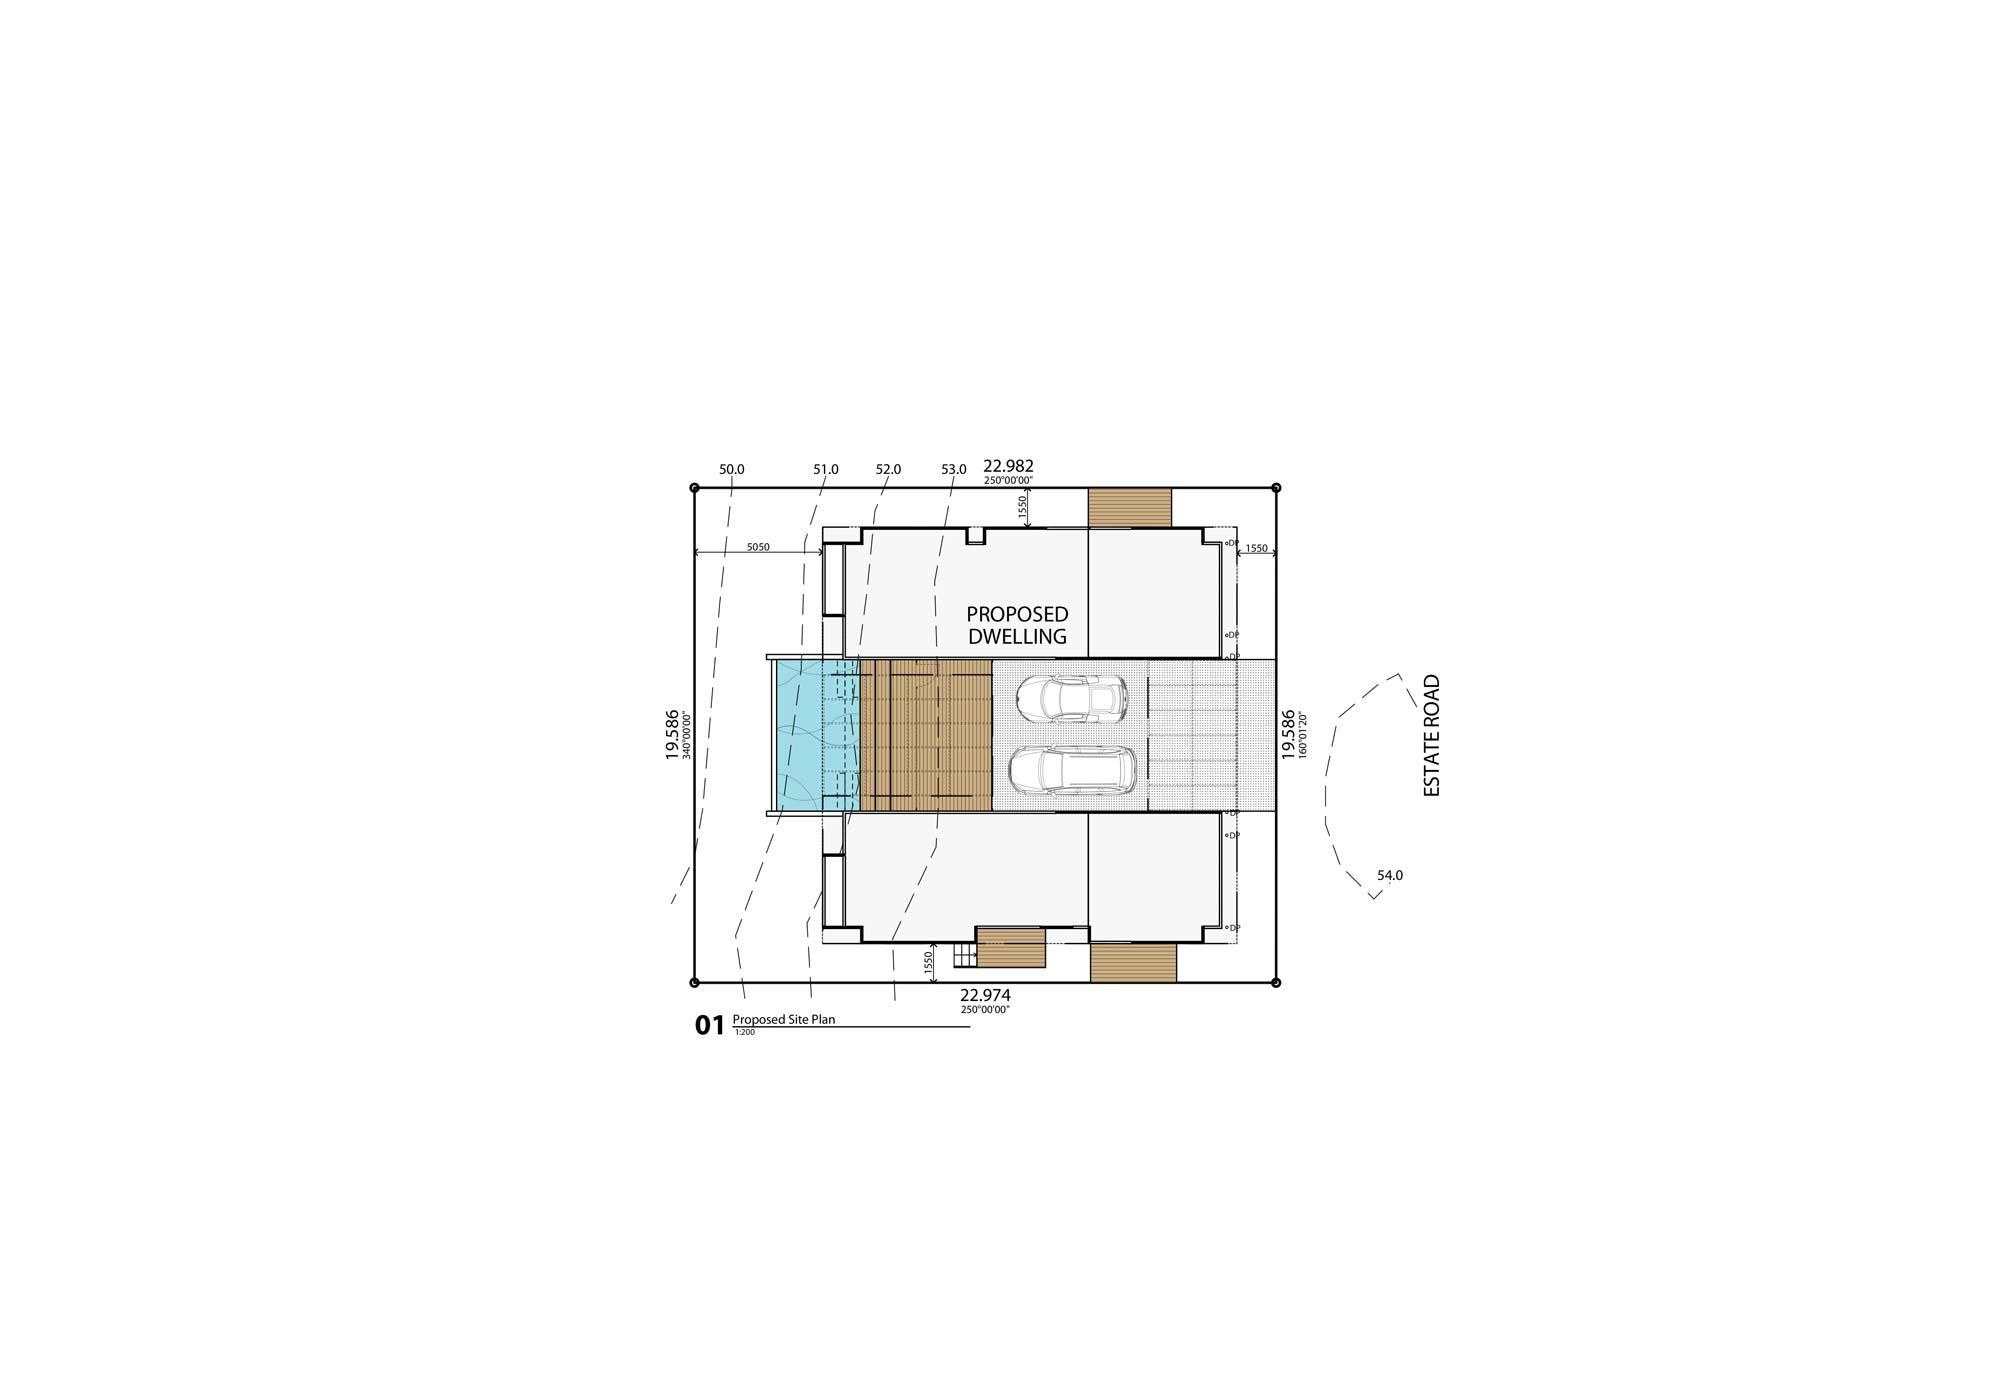 papillivon site plan